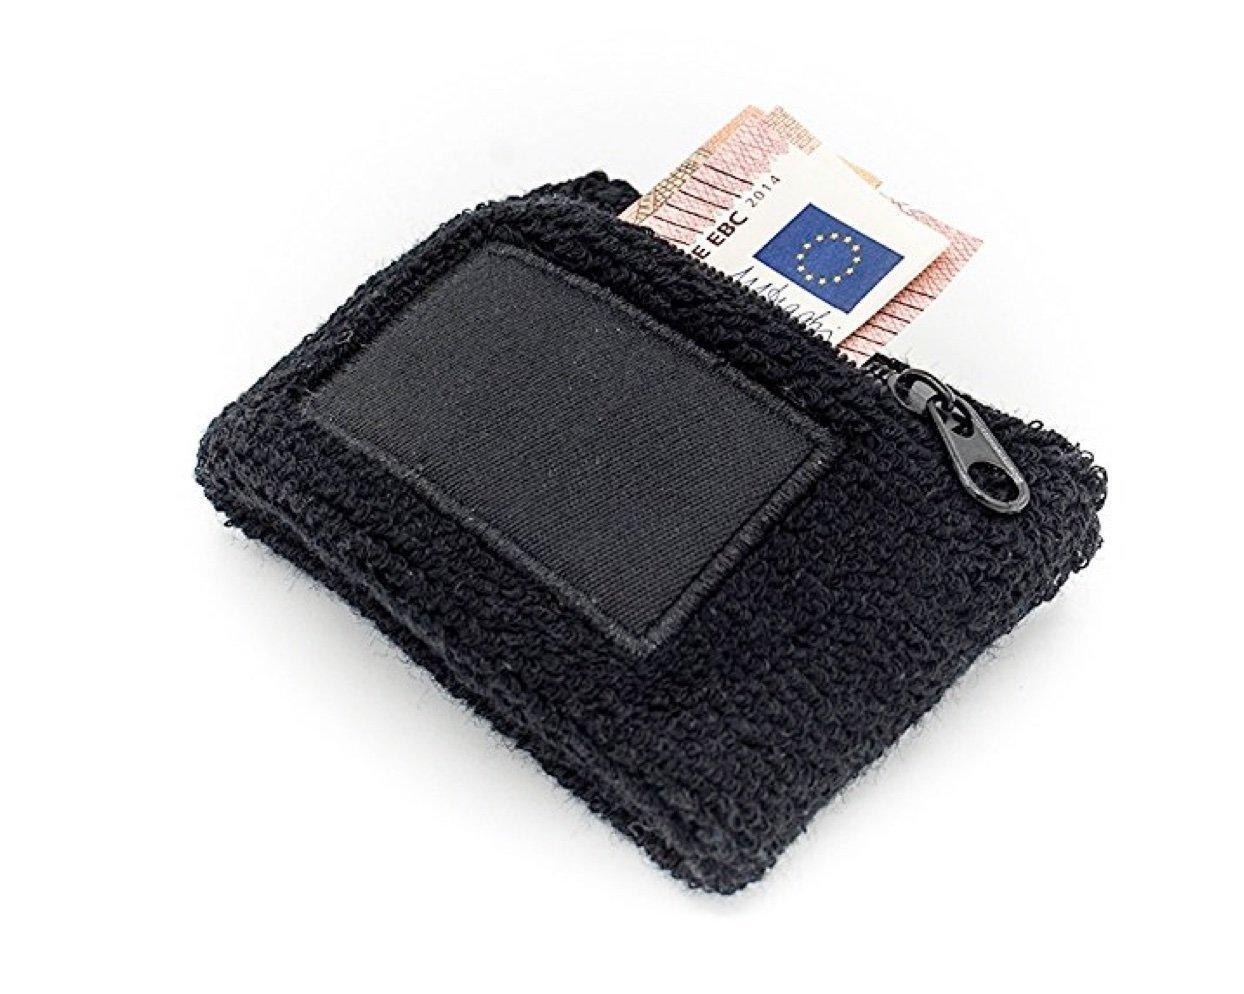 Wristband zip con il braccio la borsa e del polso con il sacchetto, Wristband con cerniera per gli uomini e le donne nere sport come jogging, corsa, tennis TK-Gruppe